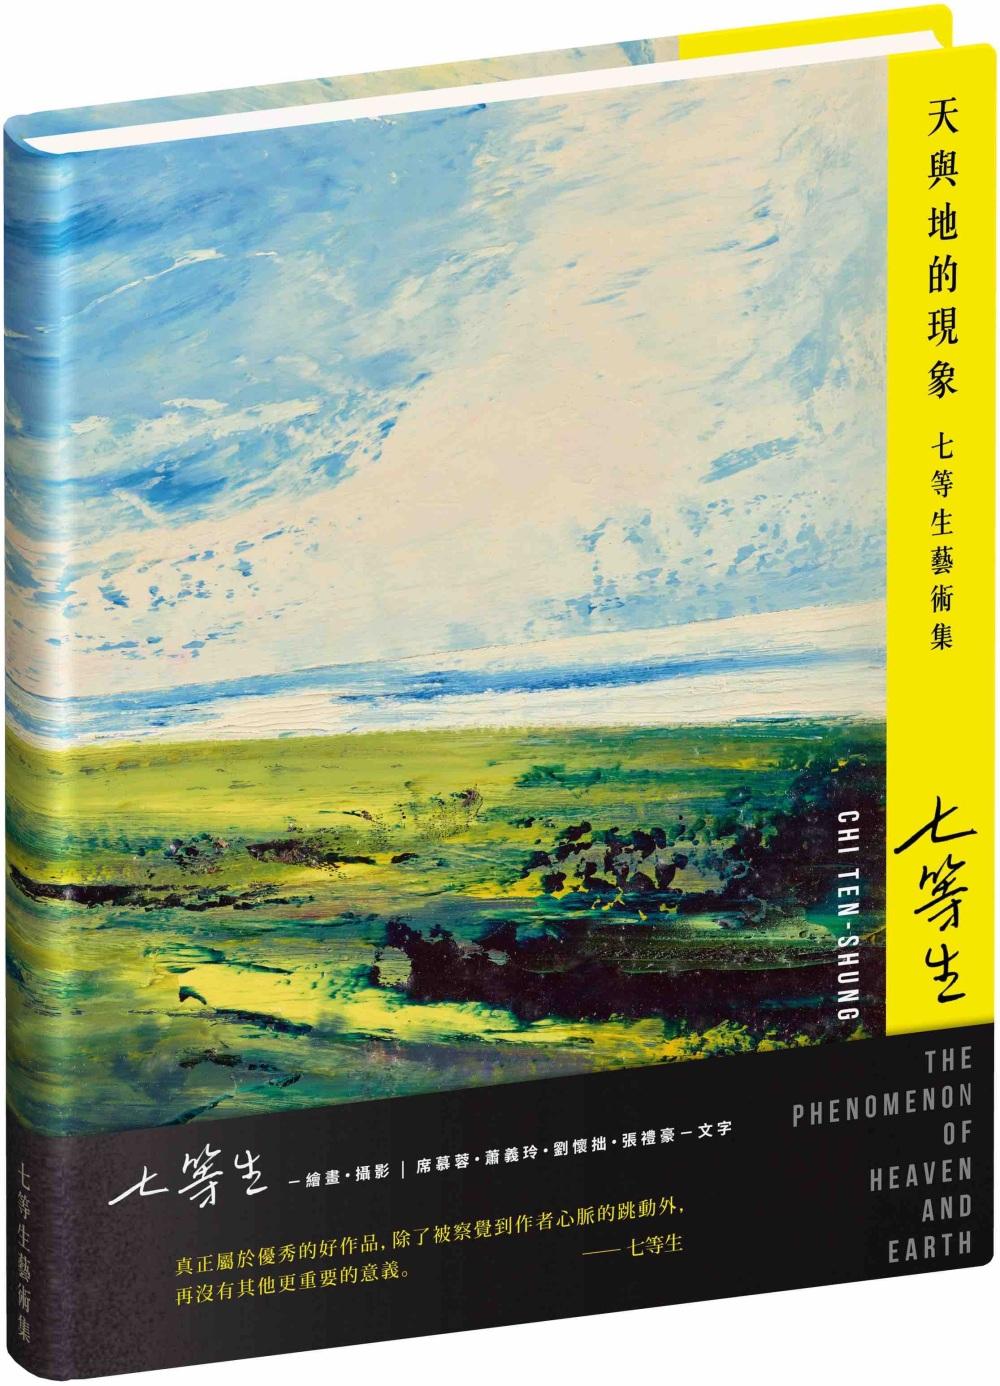 七等生藝術集:天與地的現象